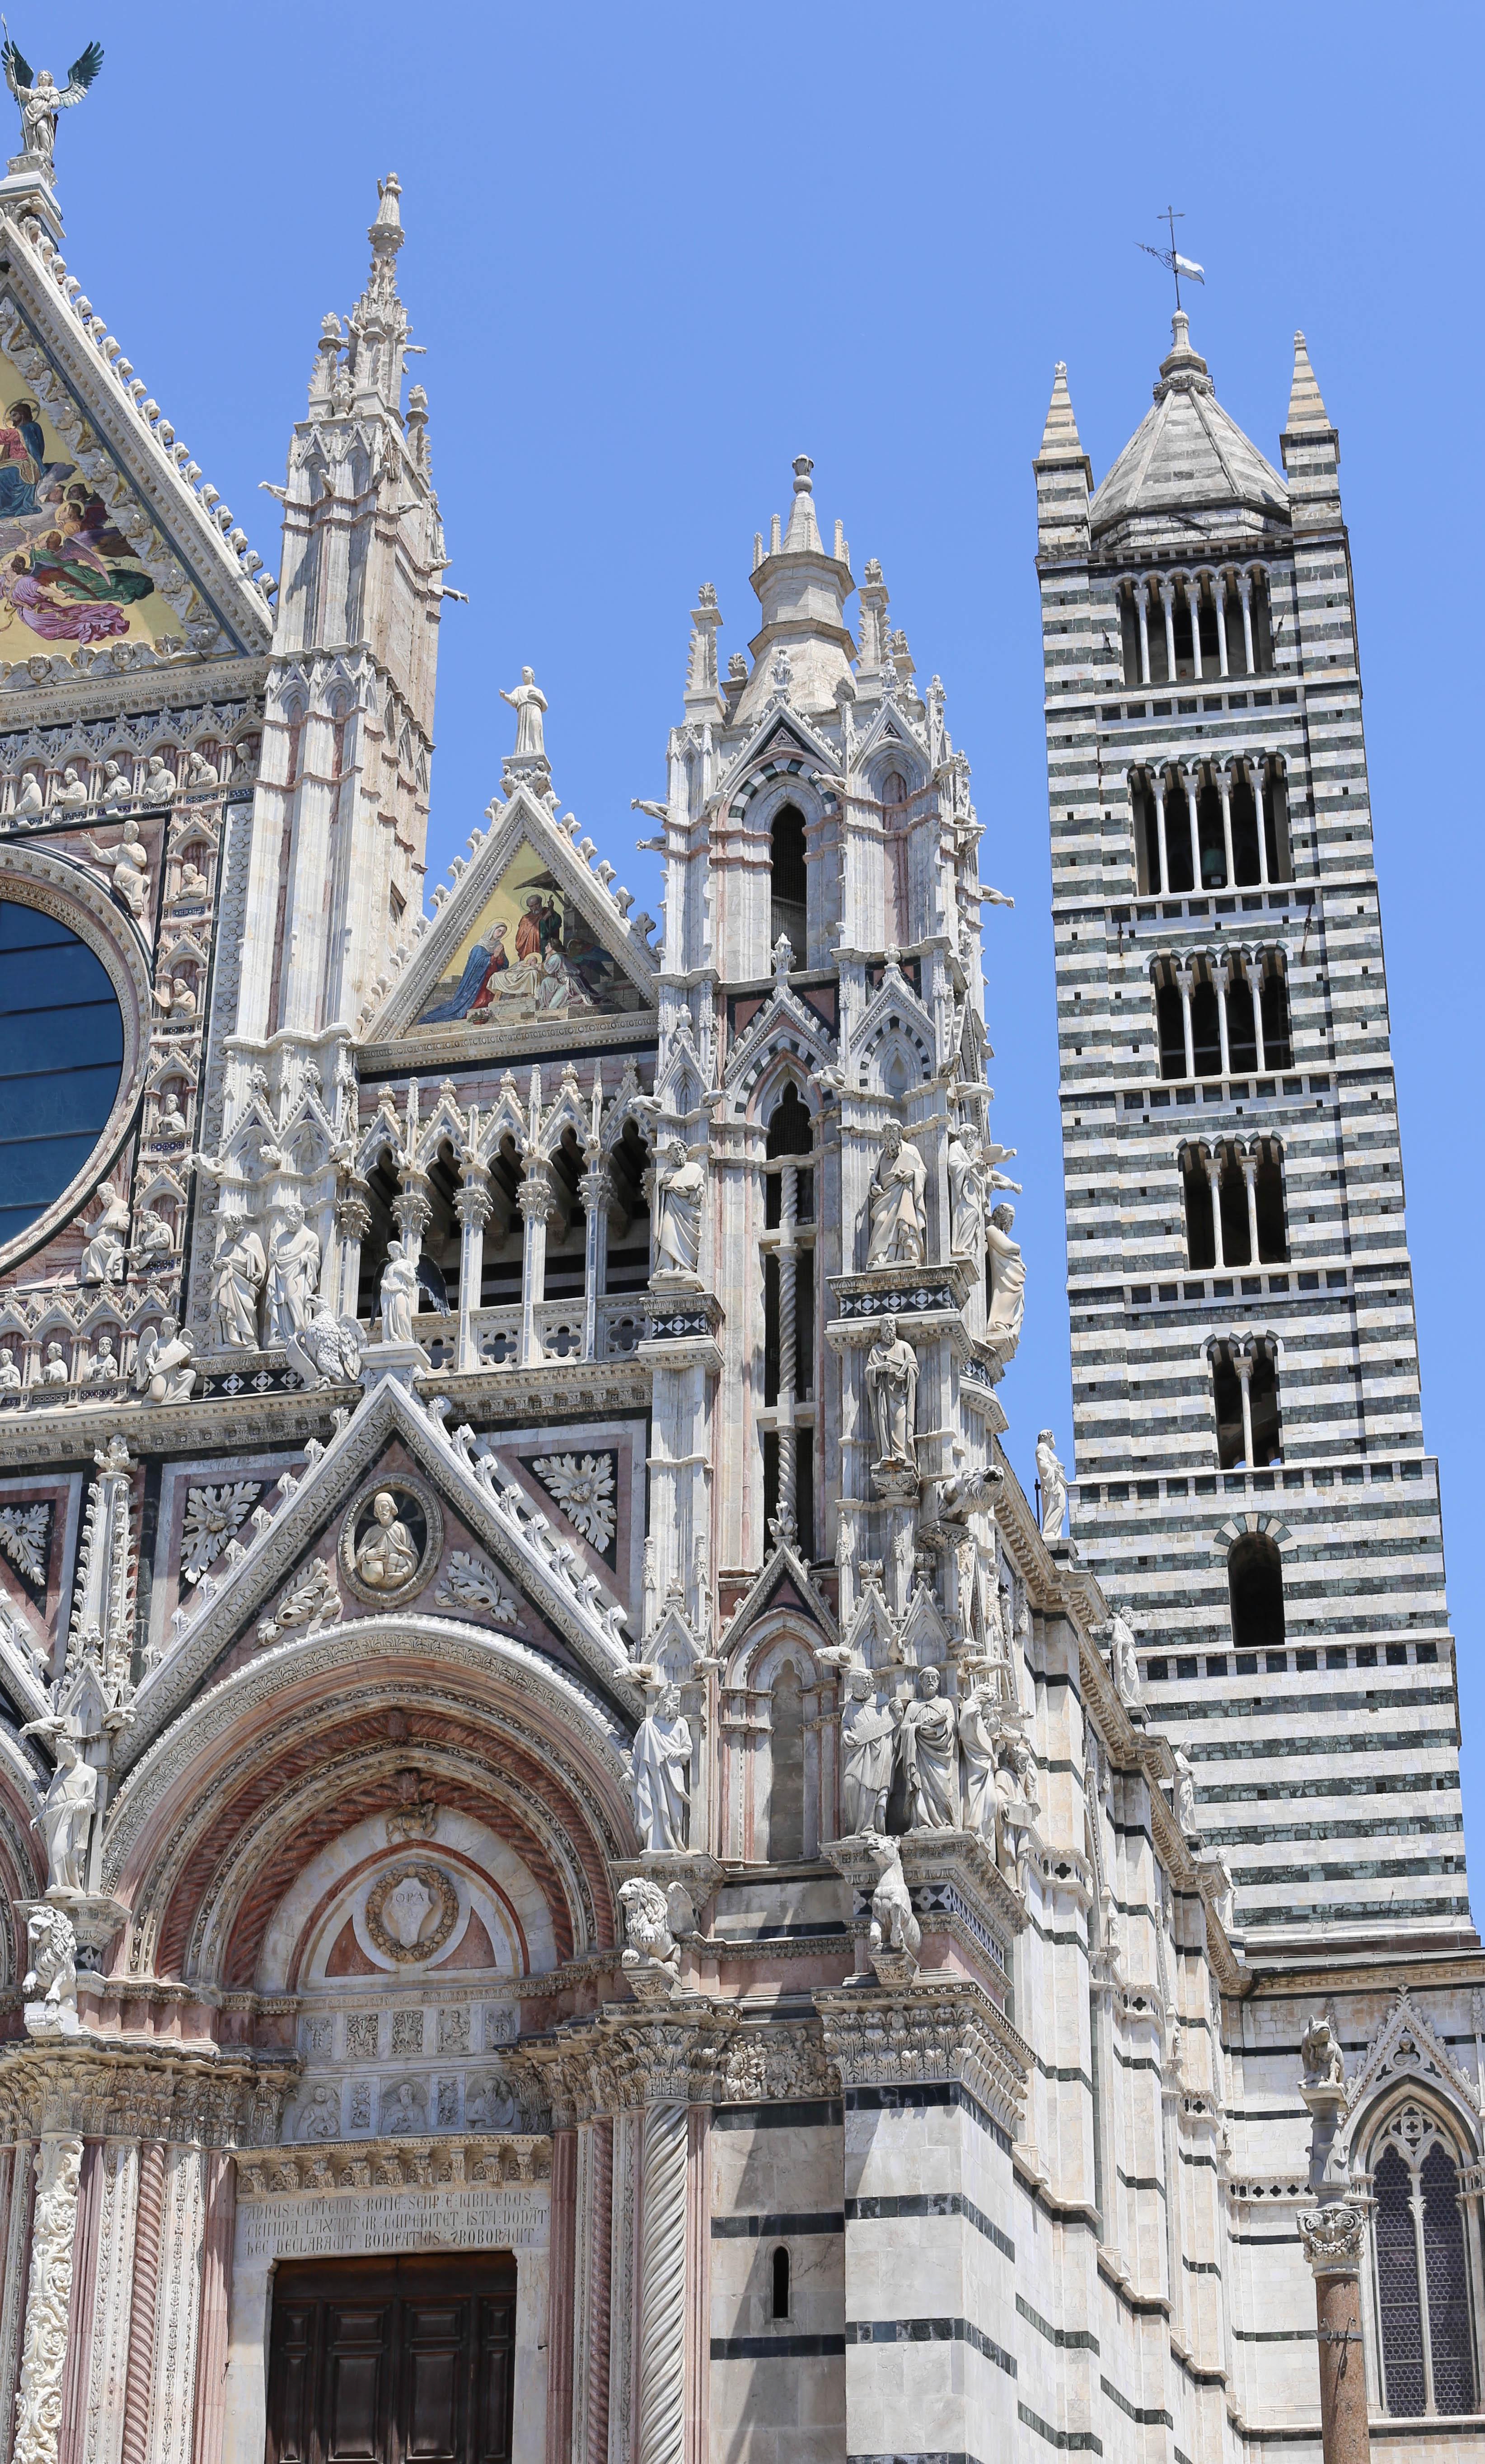 Duomo Domkirken i Siena, Toscana italien rejseguide